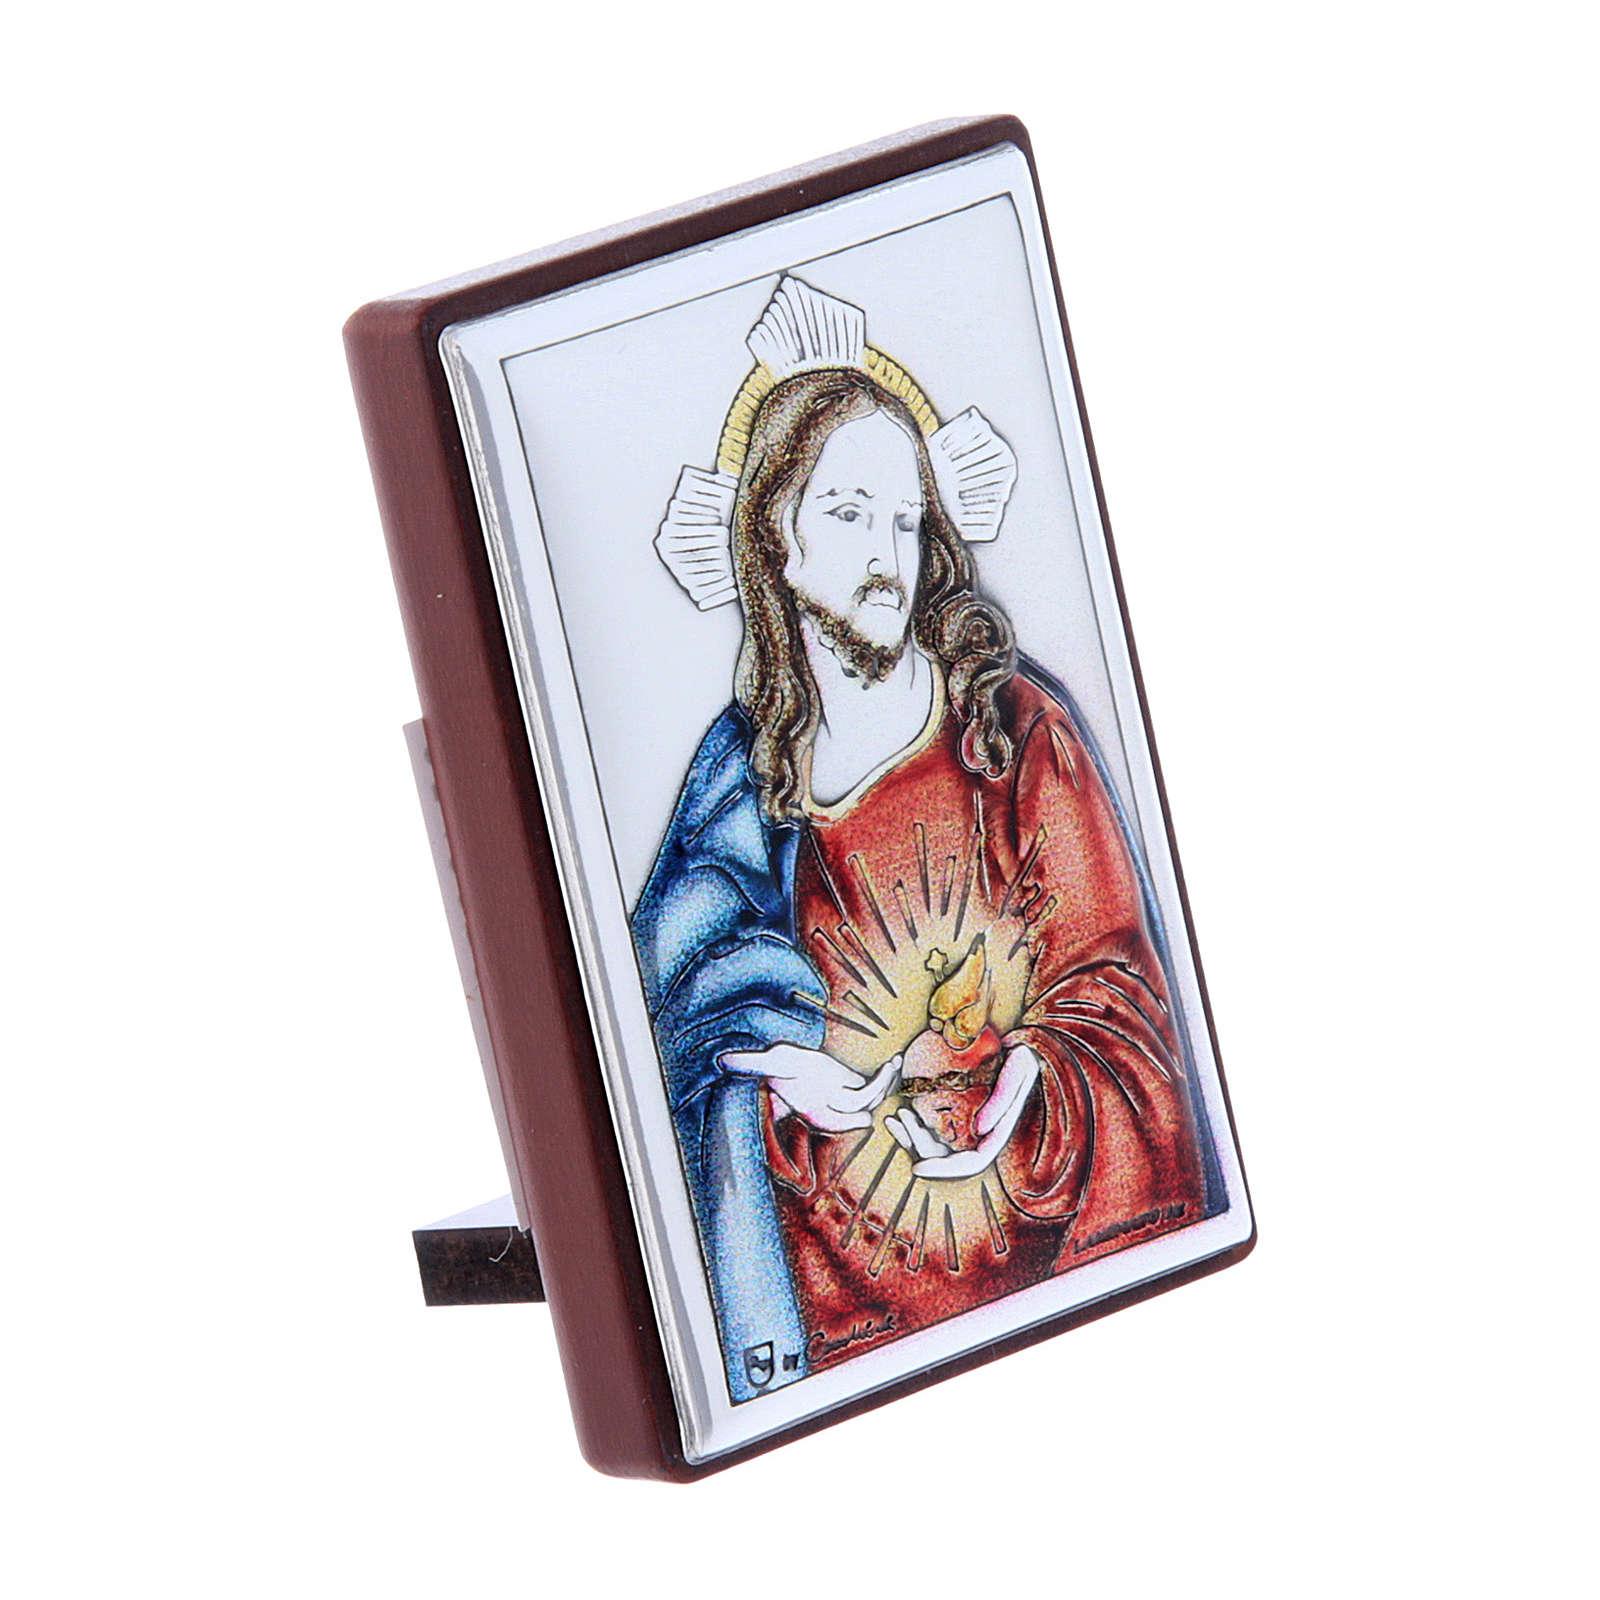 Quadro in bilaminato con retro in legno pregiato Sacro cuore di Gesù 6X4 cm 4